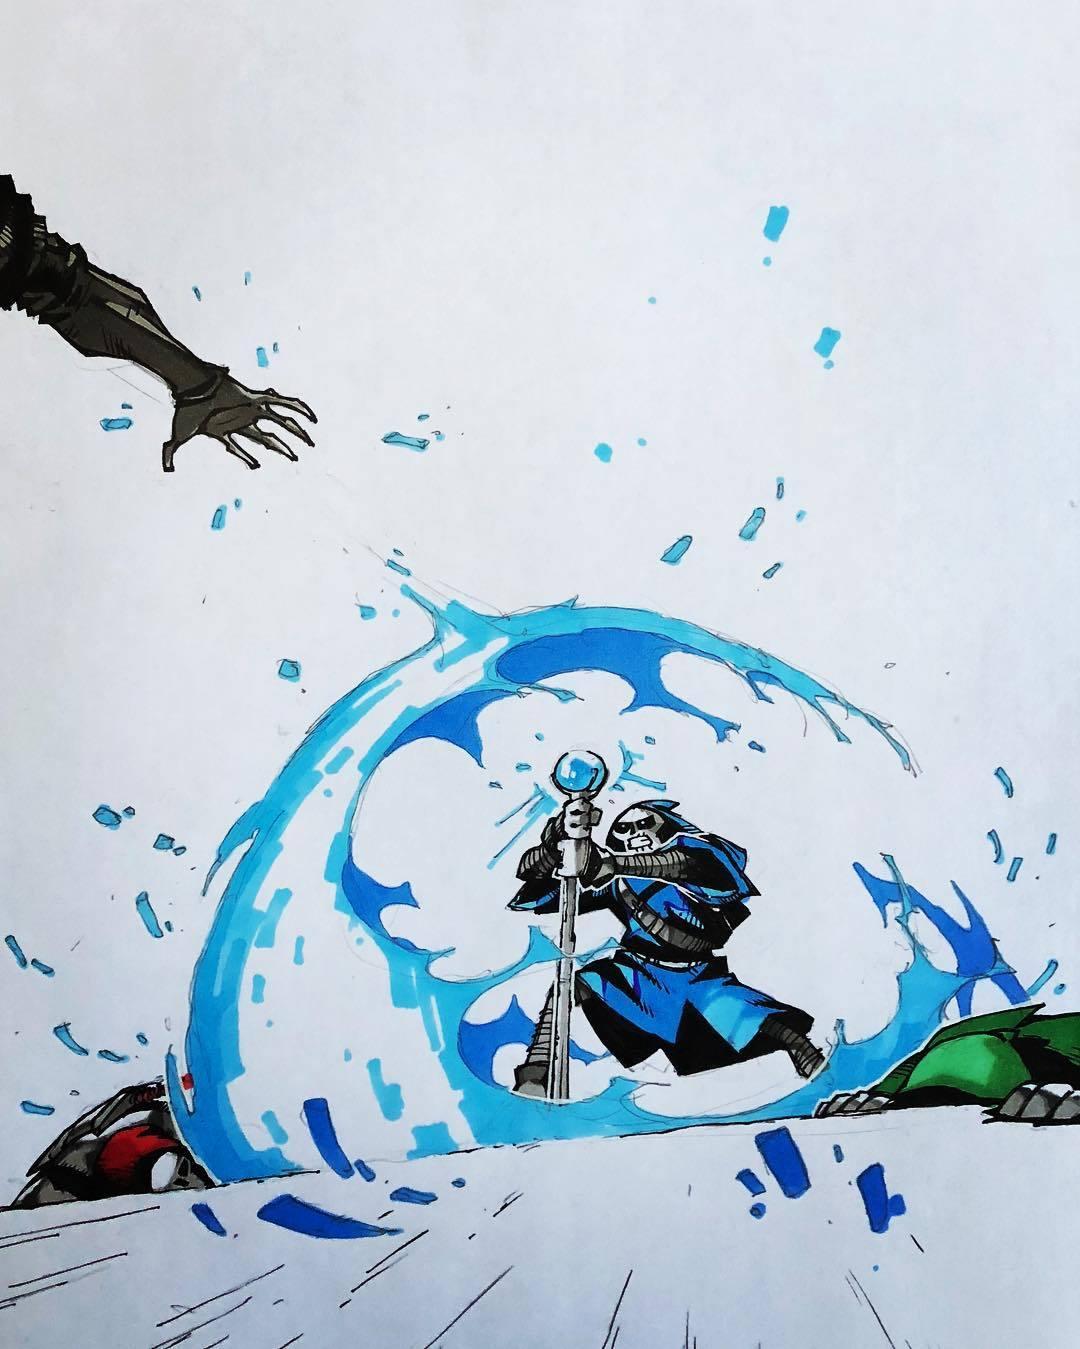 Похитители мечей. - Изображение 26